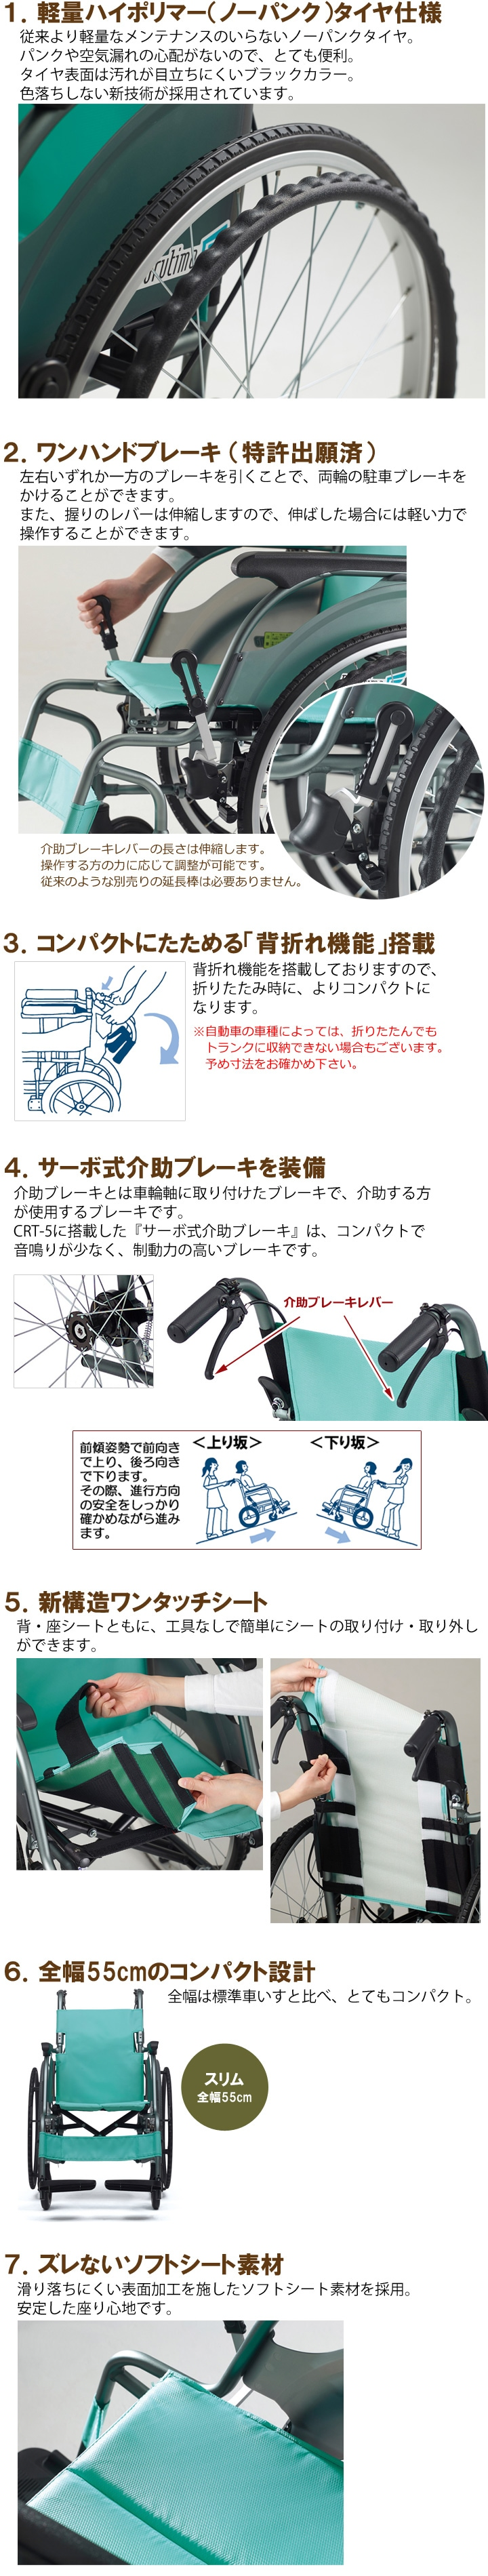 自走用車いす CRT-5の機能